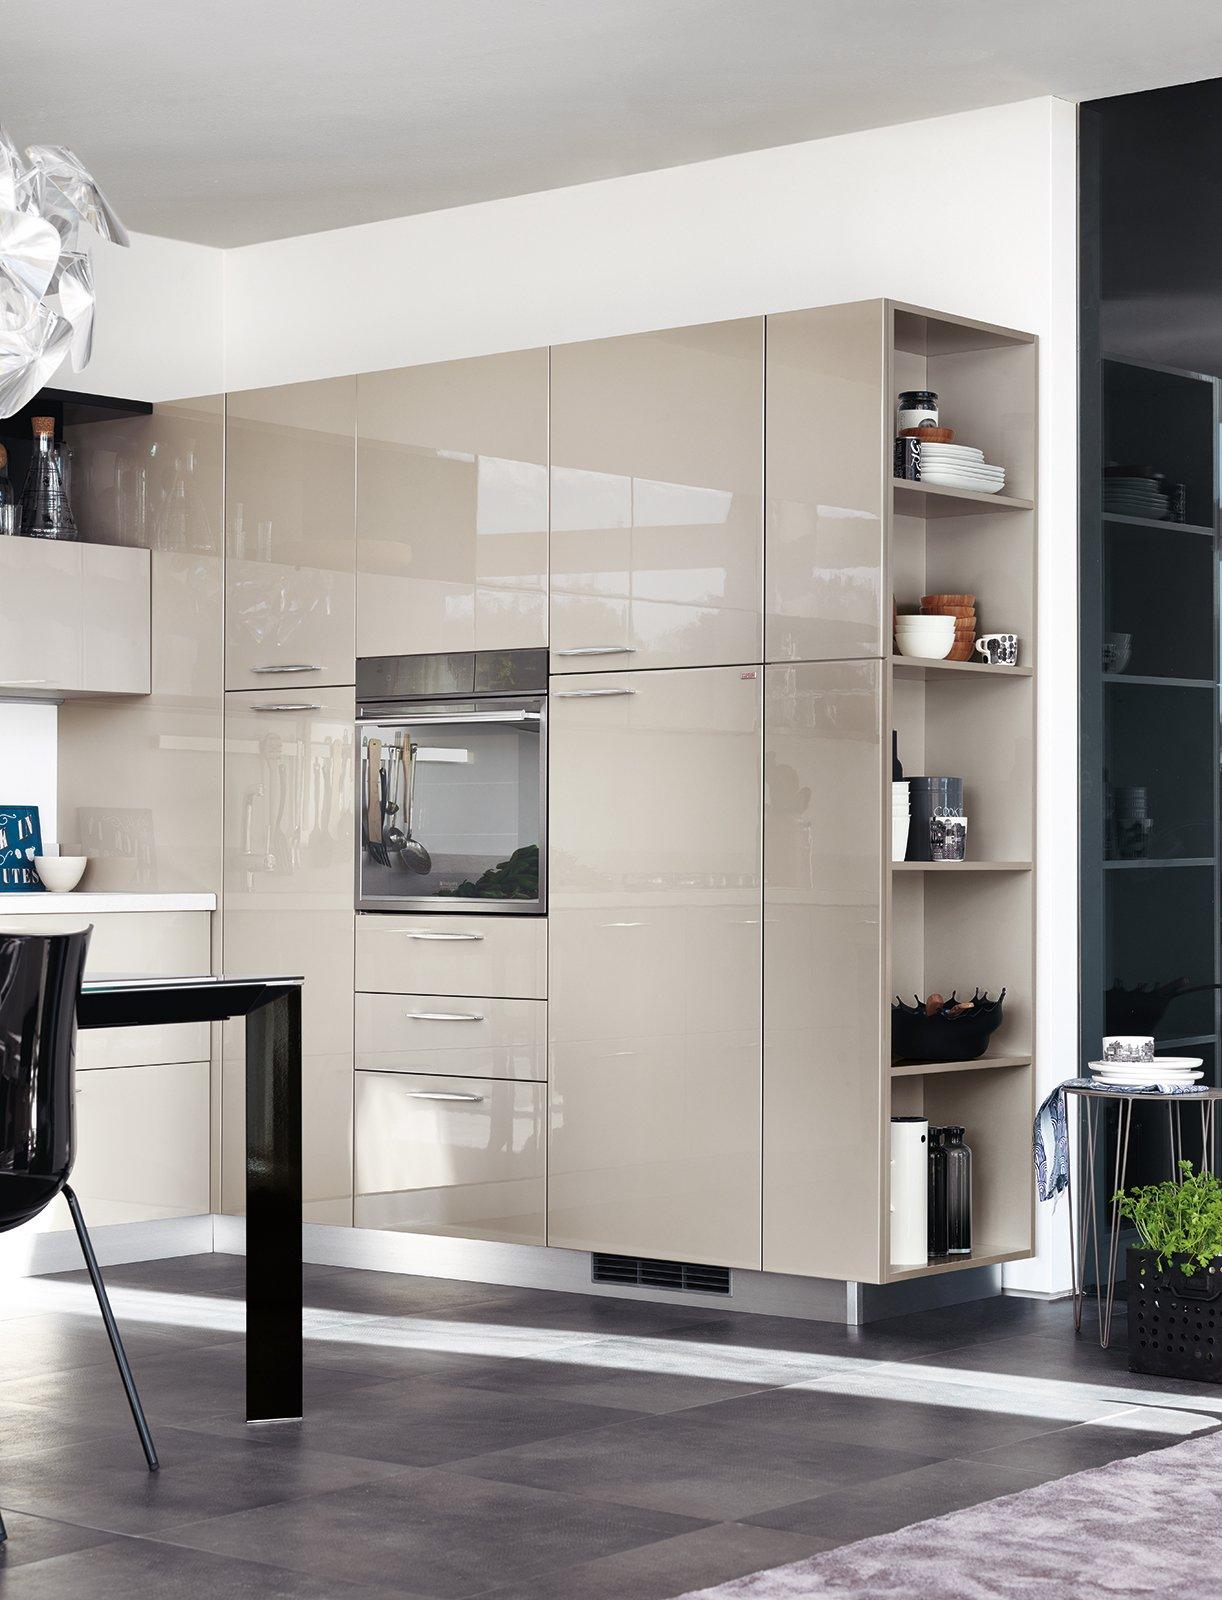 In Cucina I Vani A Giorno Fanno Tendenza Cose Di Casa #686747 1222 1600 Come Appendere Pensili Da Cucina